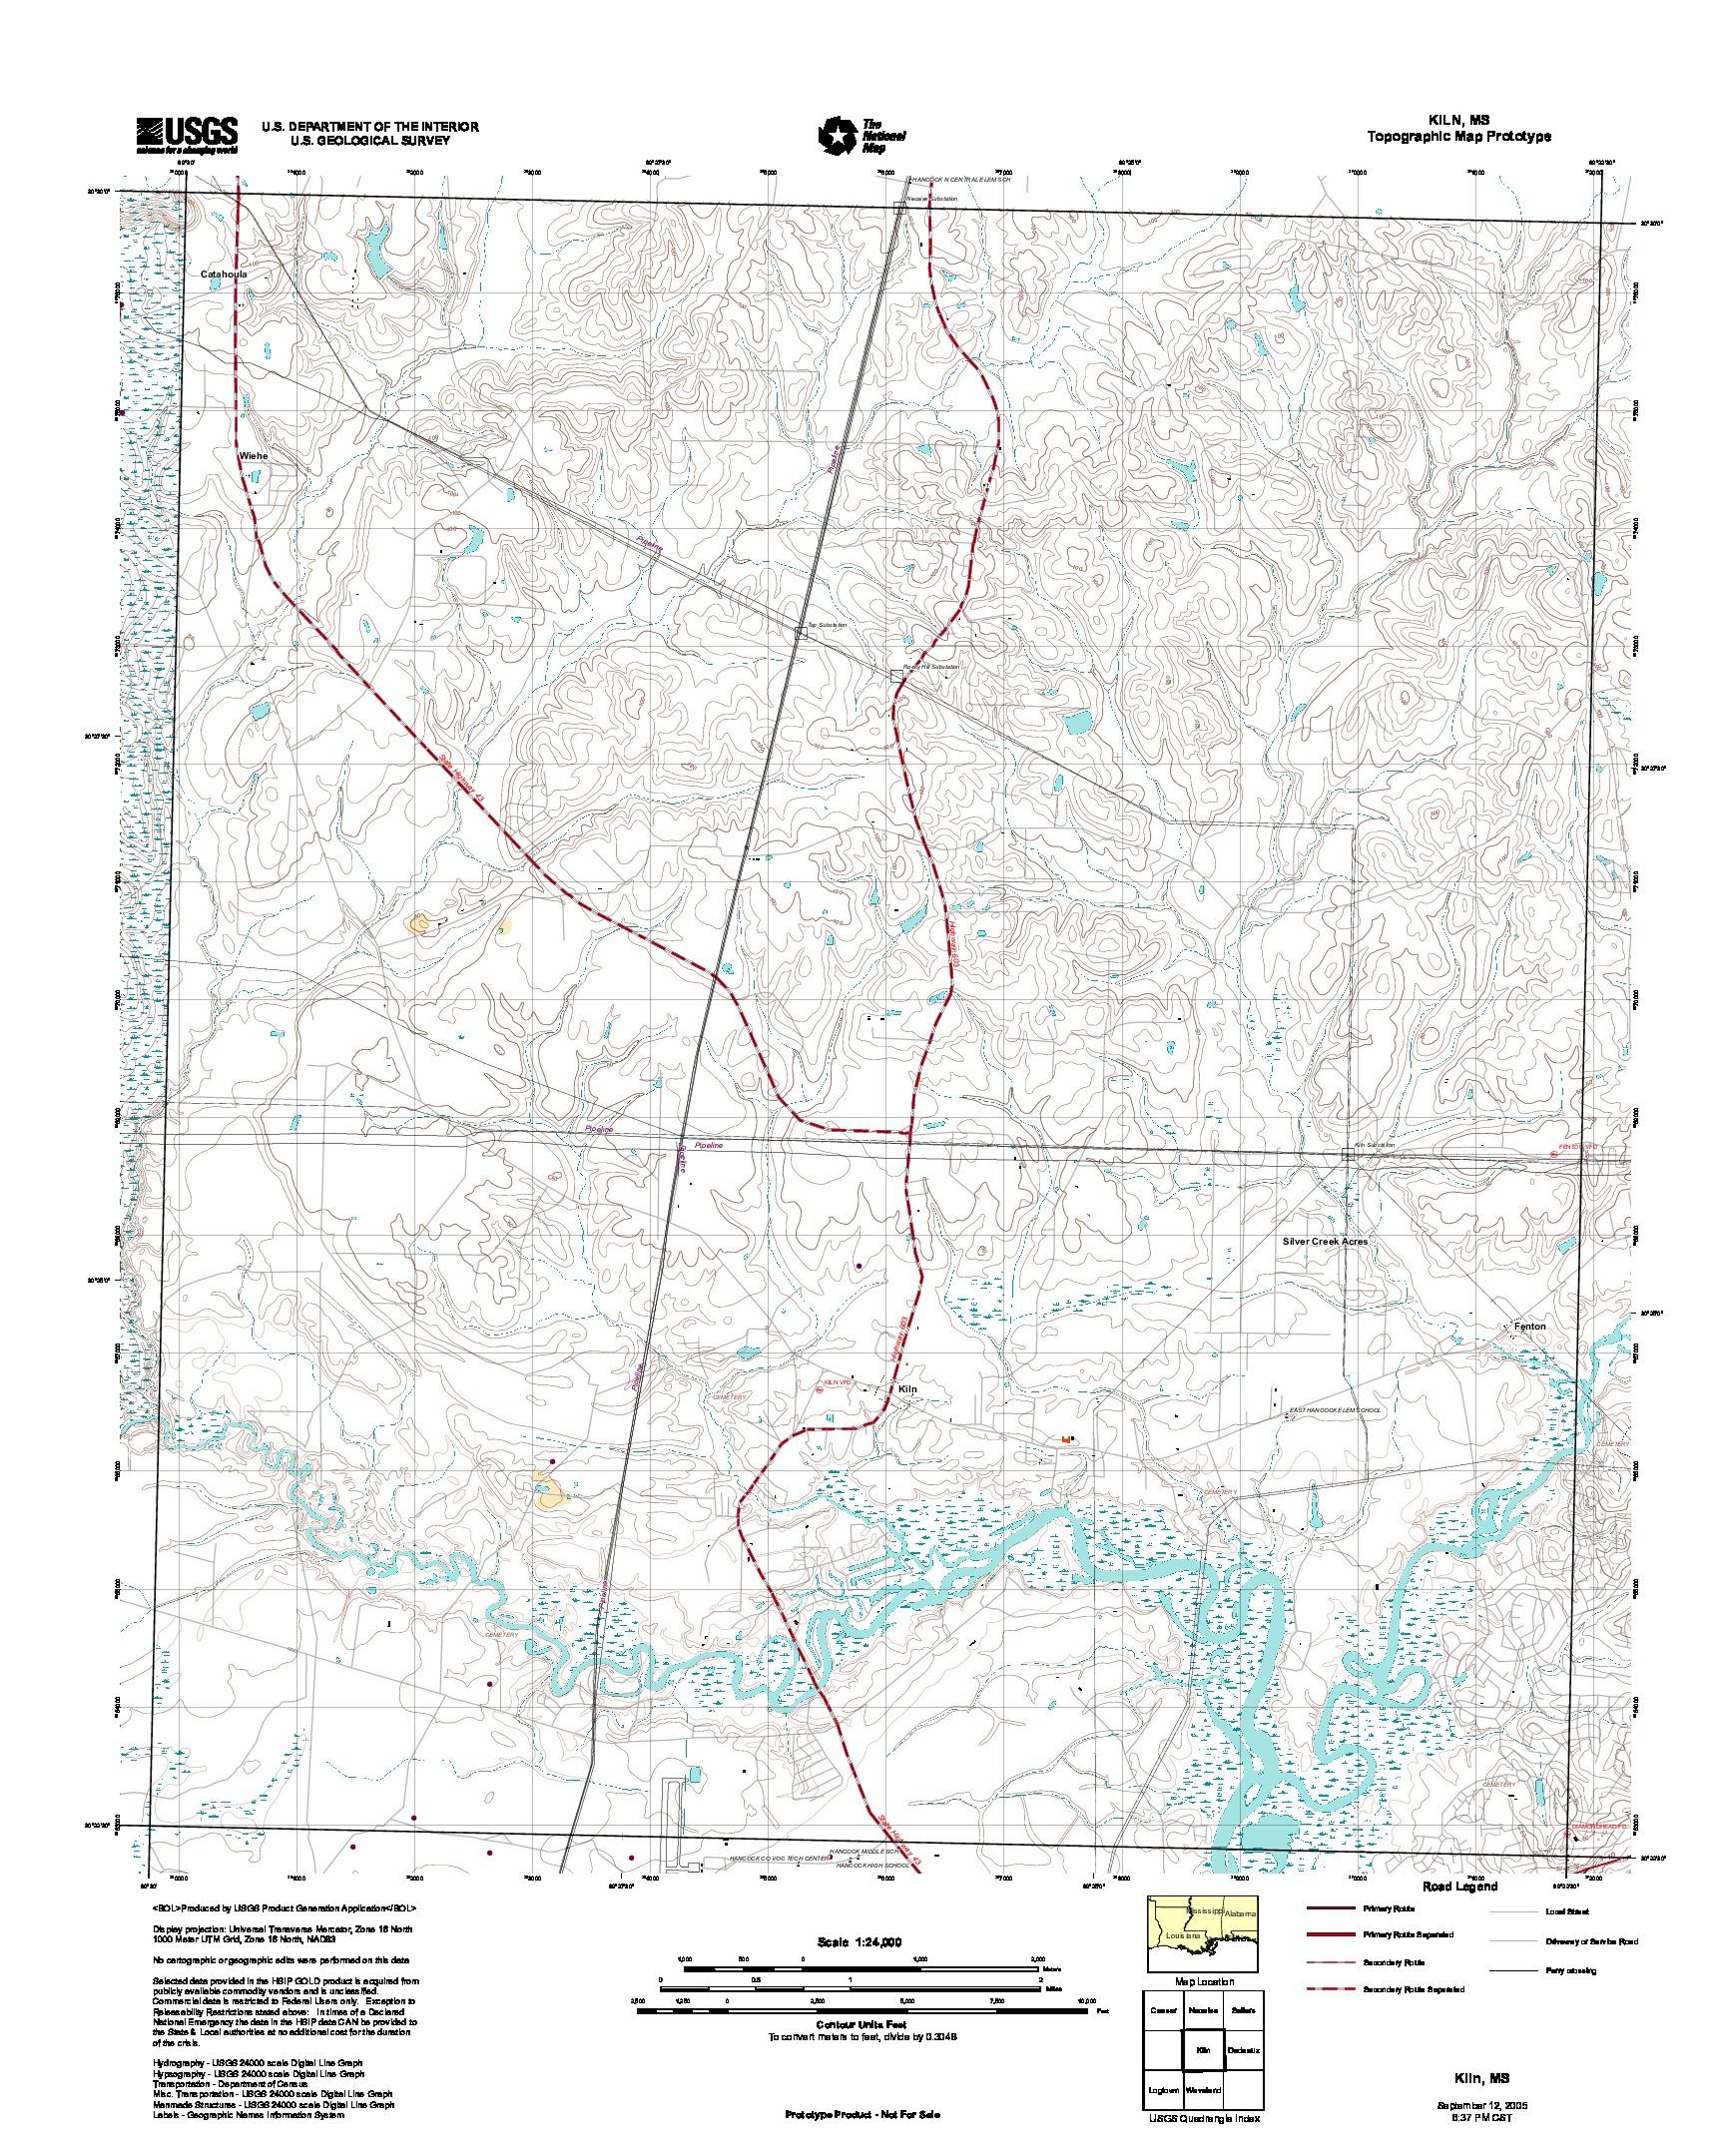 Prototipo de Mapa Topográfico de Kiln, Misisipi, Estados Unidos, Septiembre 12, 2005